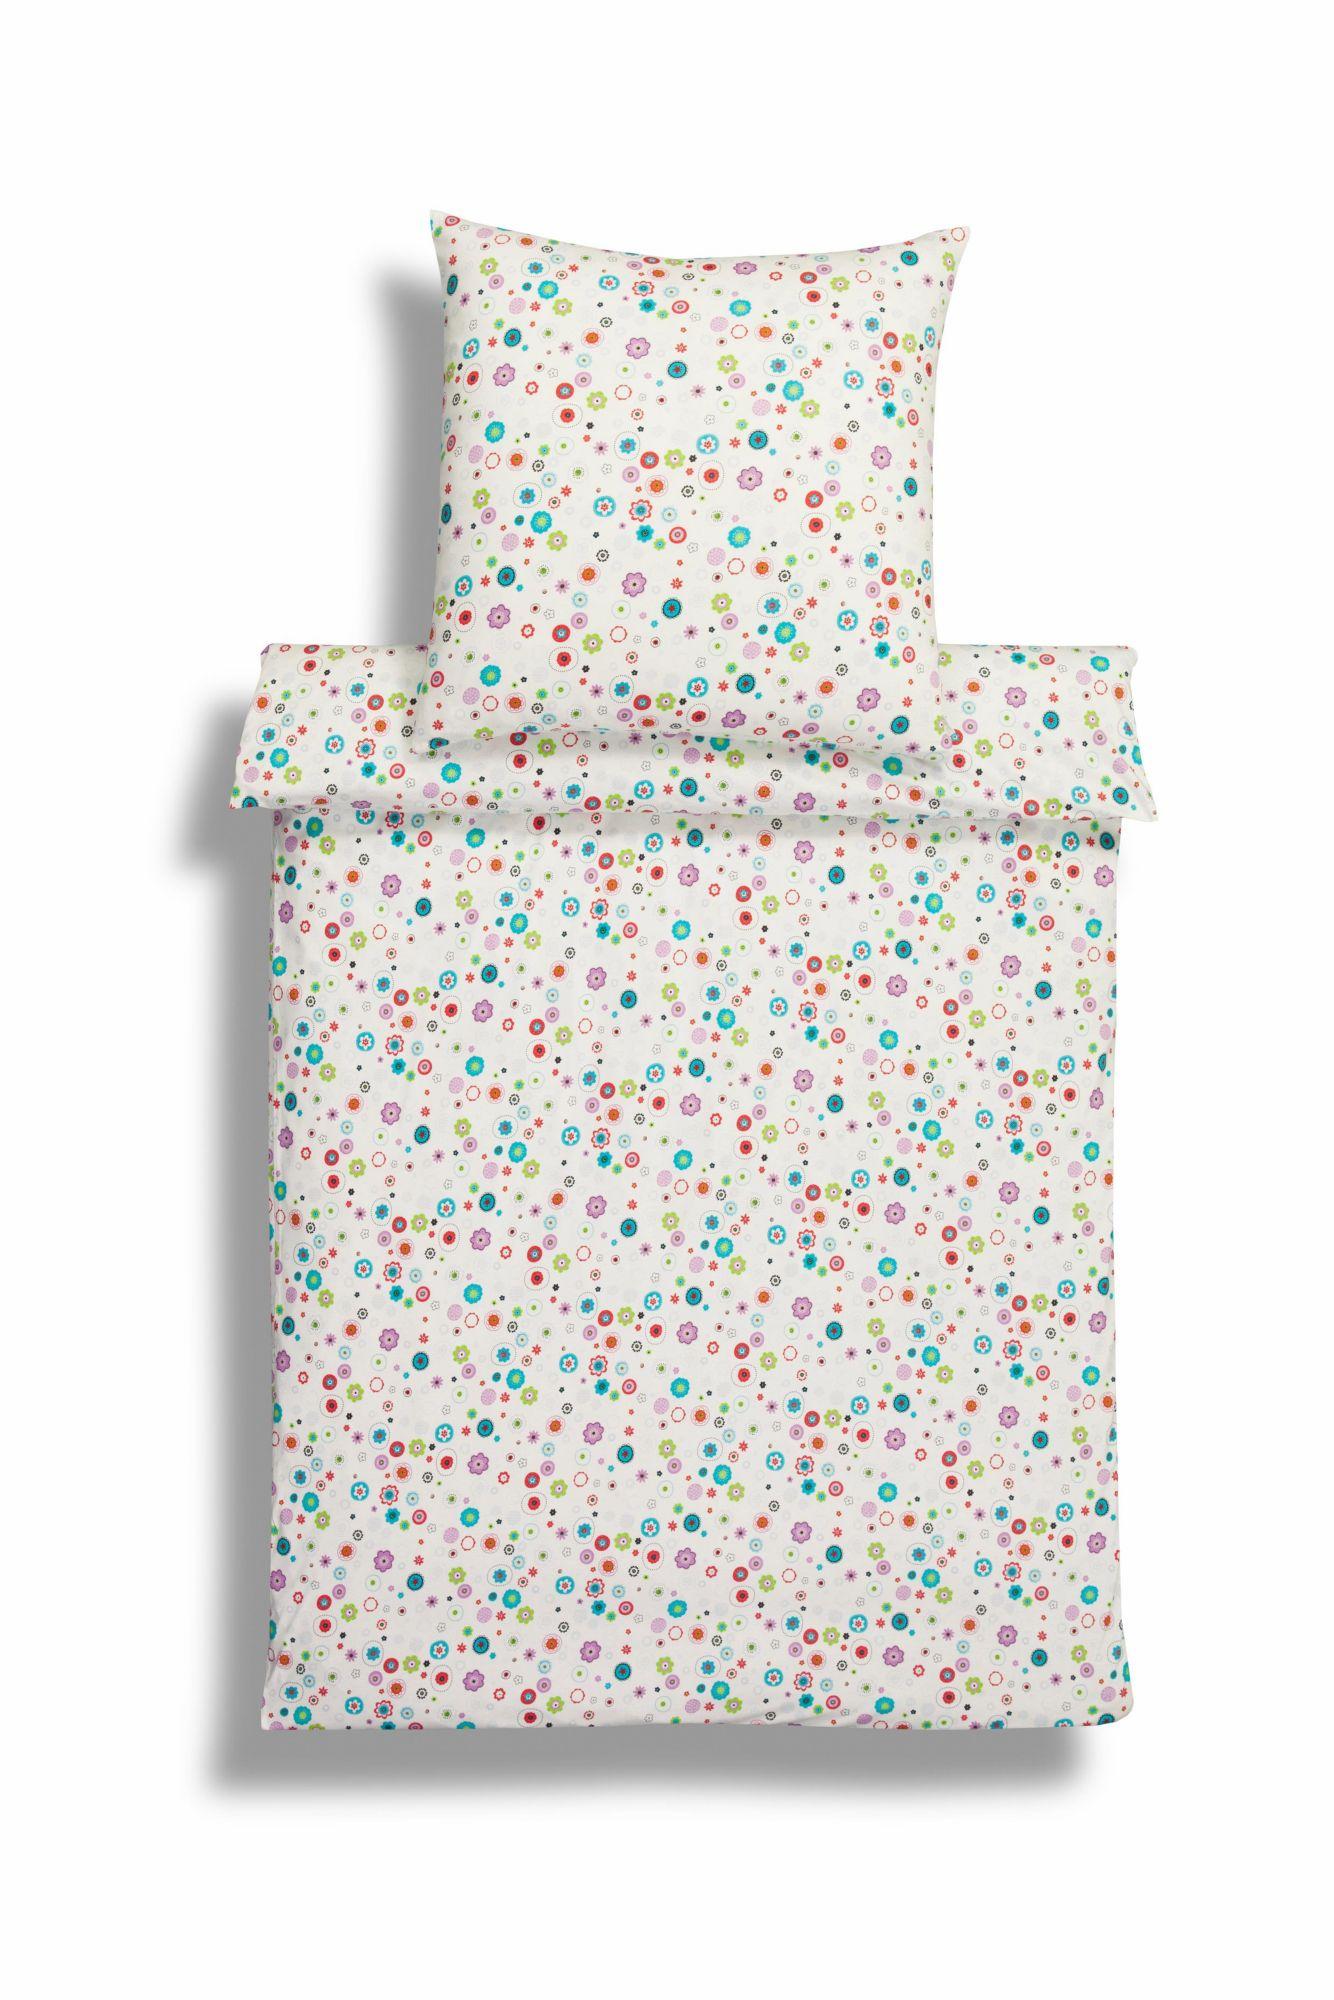 ESTELLA Kinderbettwäsche, Estella, »Flower Power«, mit kleinen Blumenmotiven